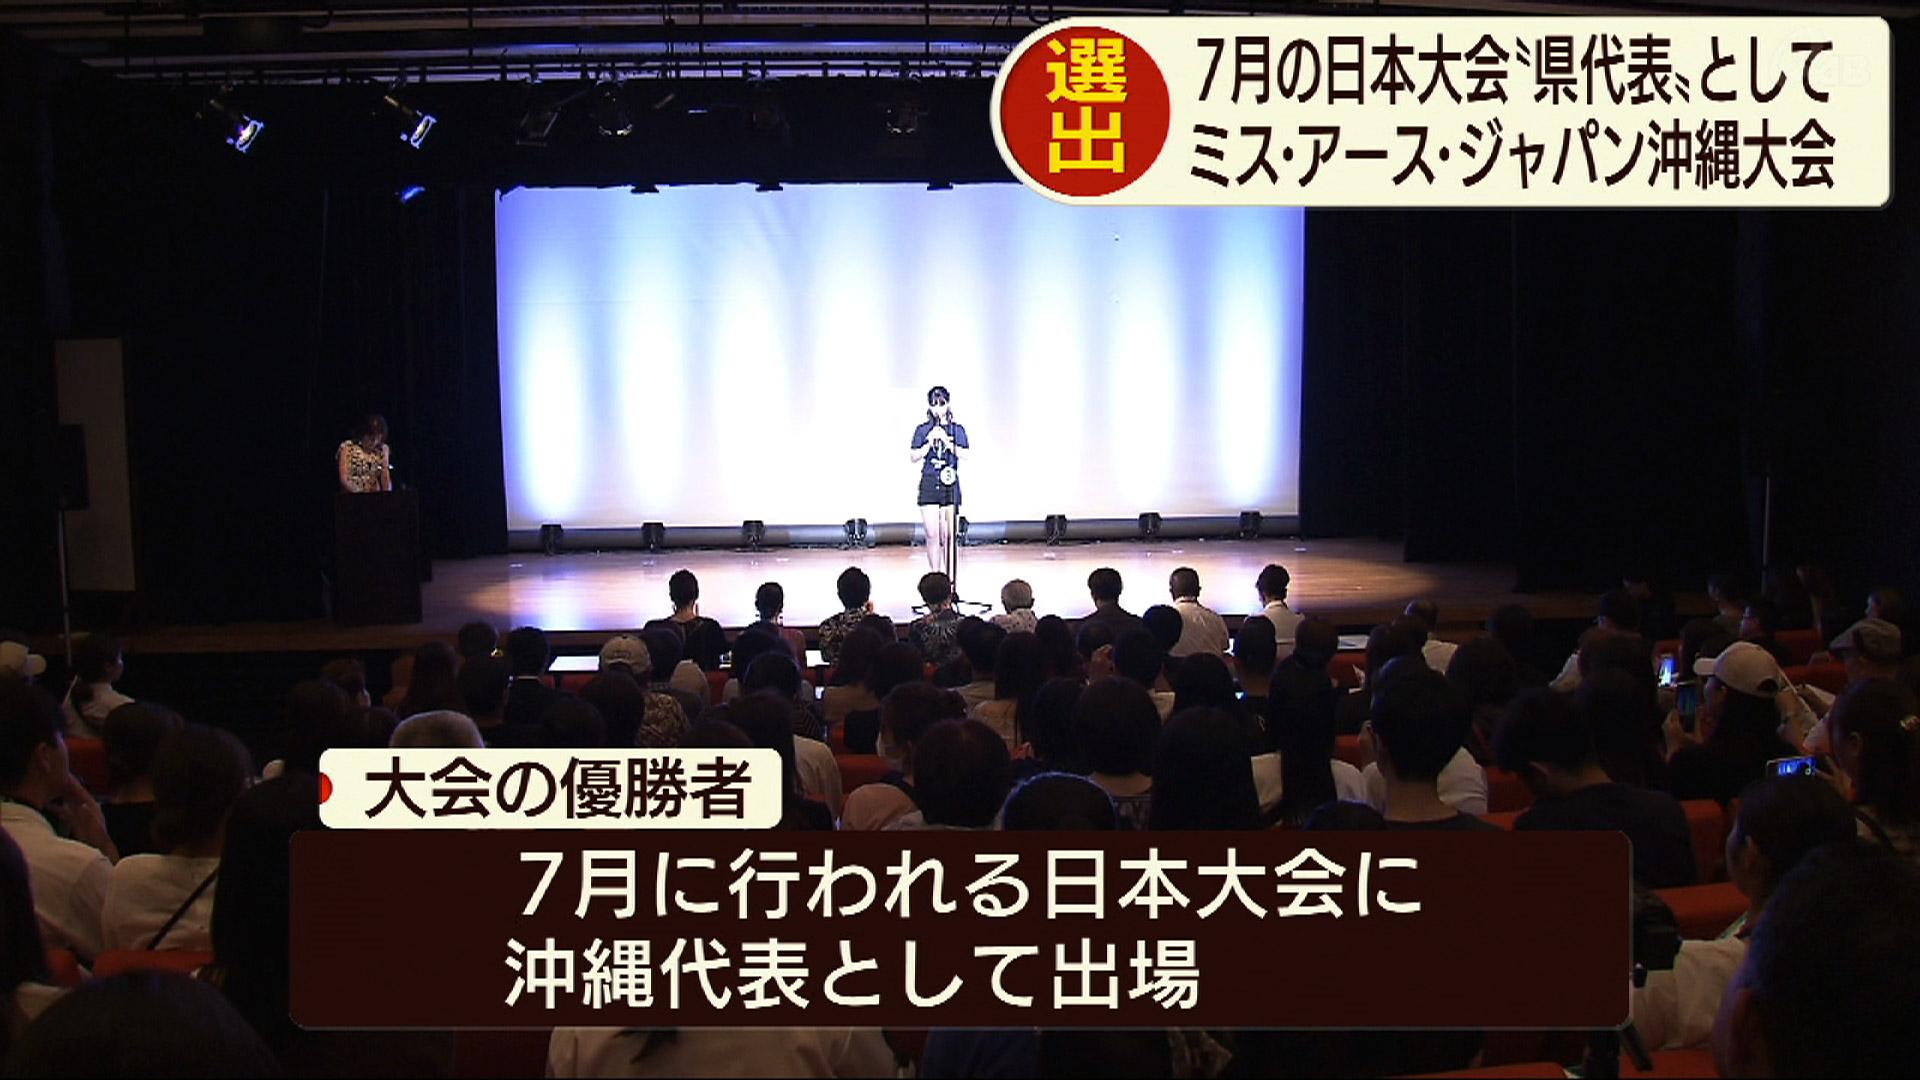 ミス・アース・ジャパン沖縄大会